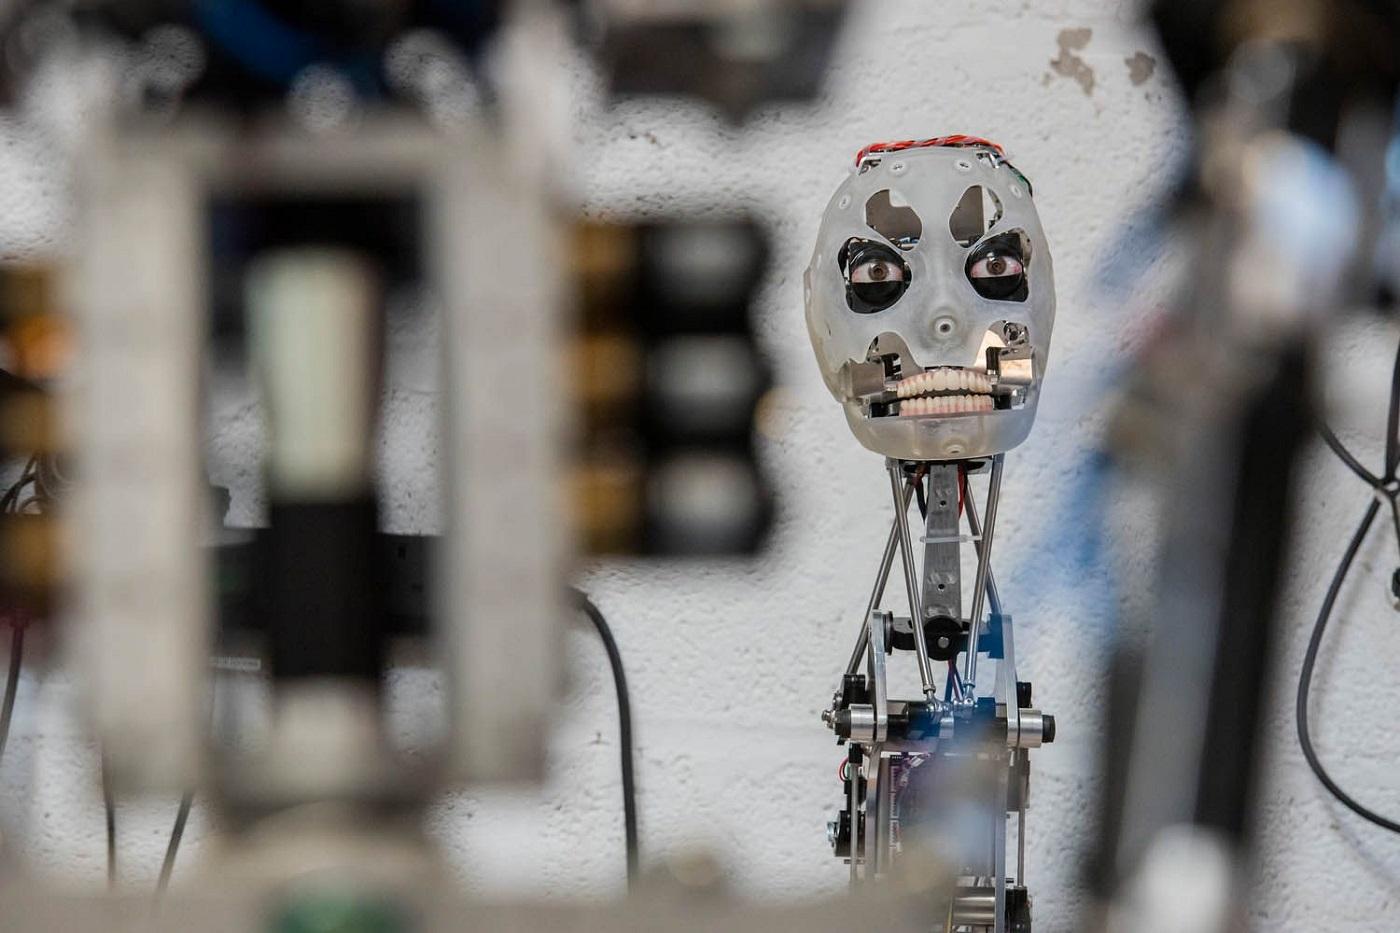 Ай-Да - первый в мире робот-художник, способный рисовать реалистичные портреты cf73809c1c8337f367f955068b67031be314ad7e_2200.jpg